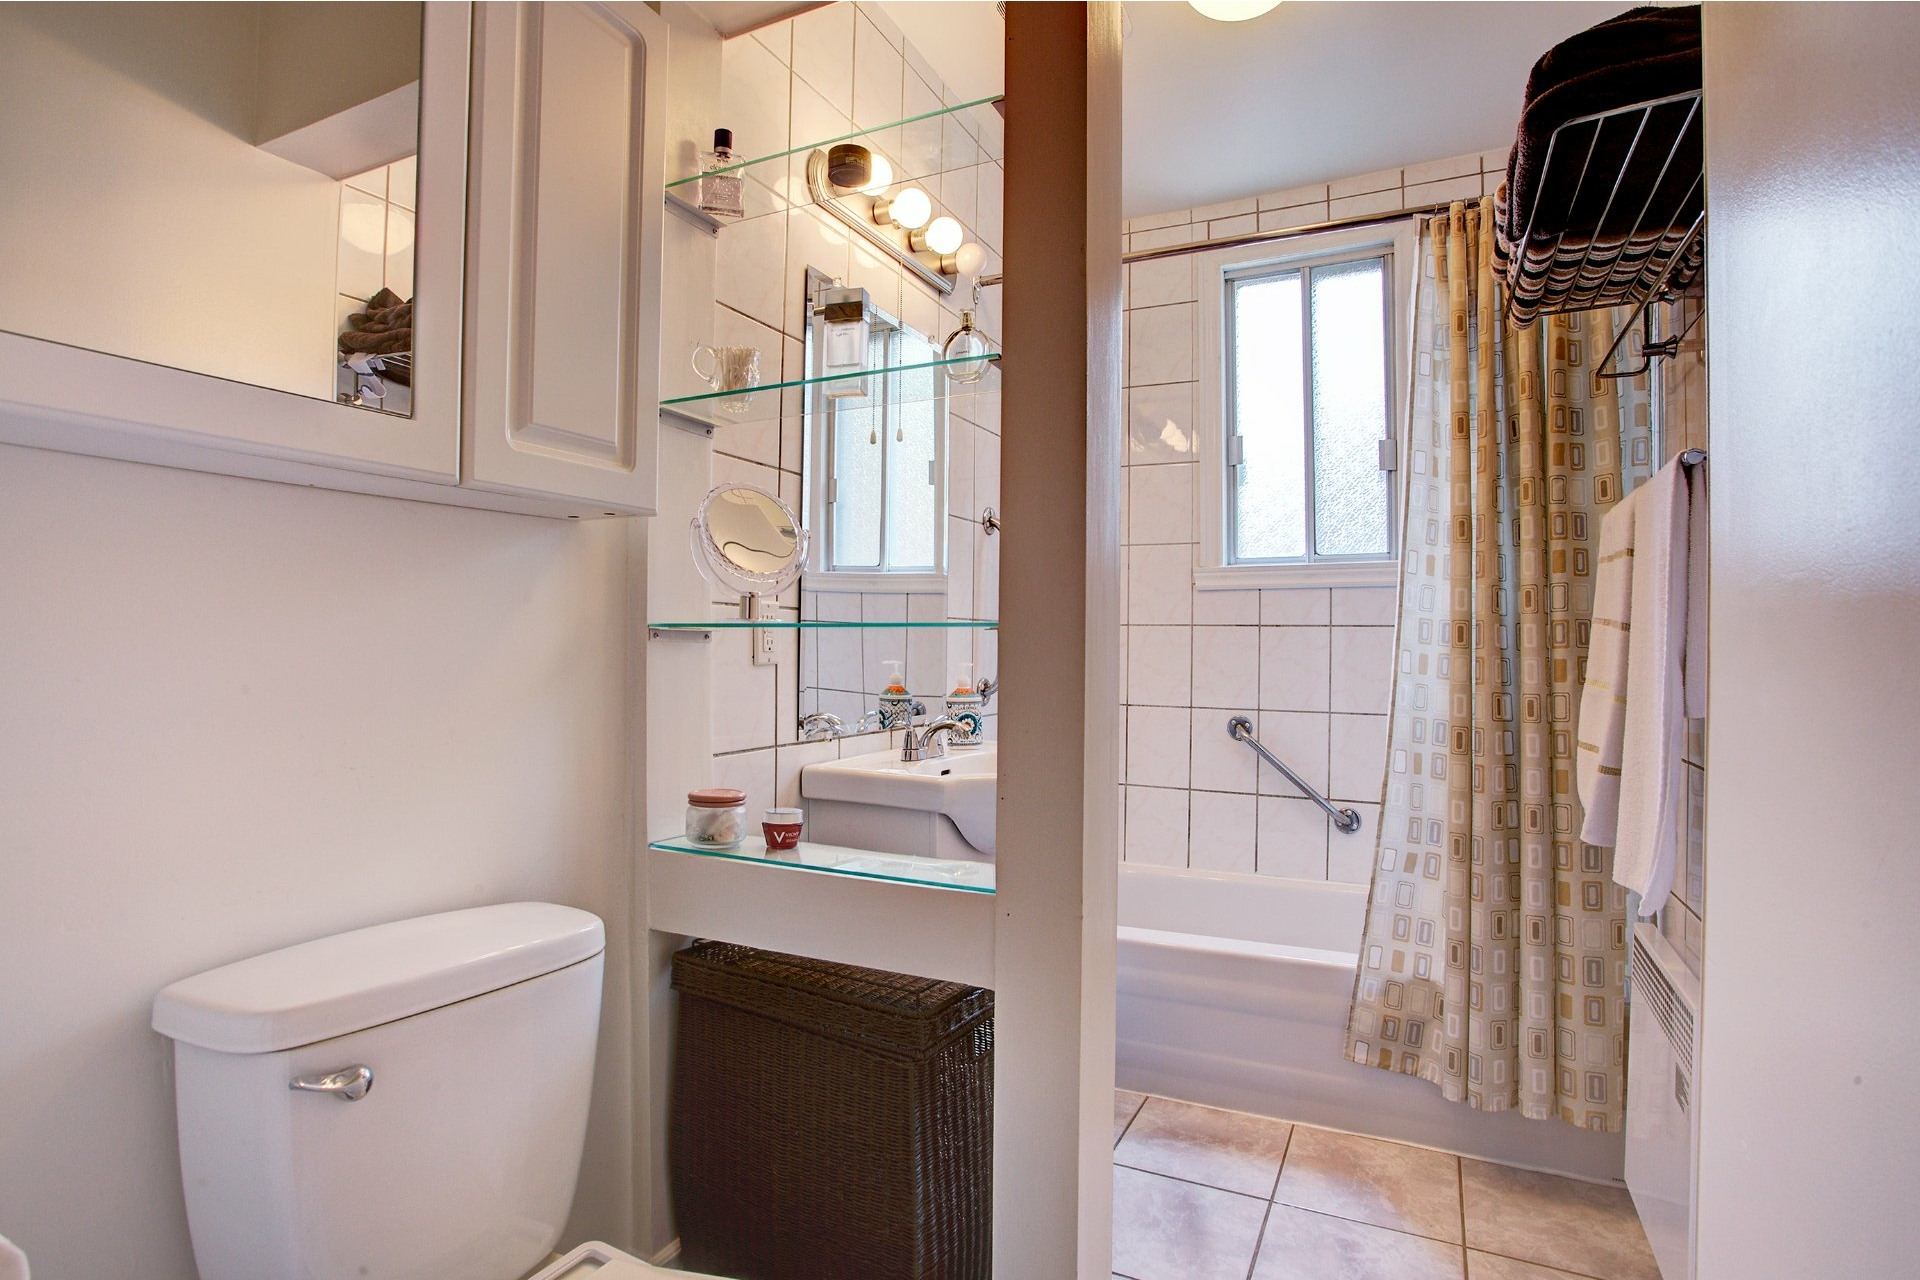 image 3 - Duplex En venta Montréal Côte-des-Neiges/Notre-Dame-de-Grâce  - 5 habitaciones